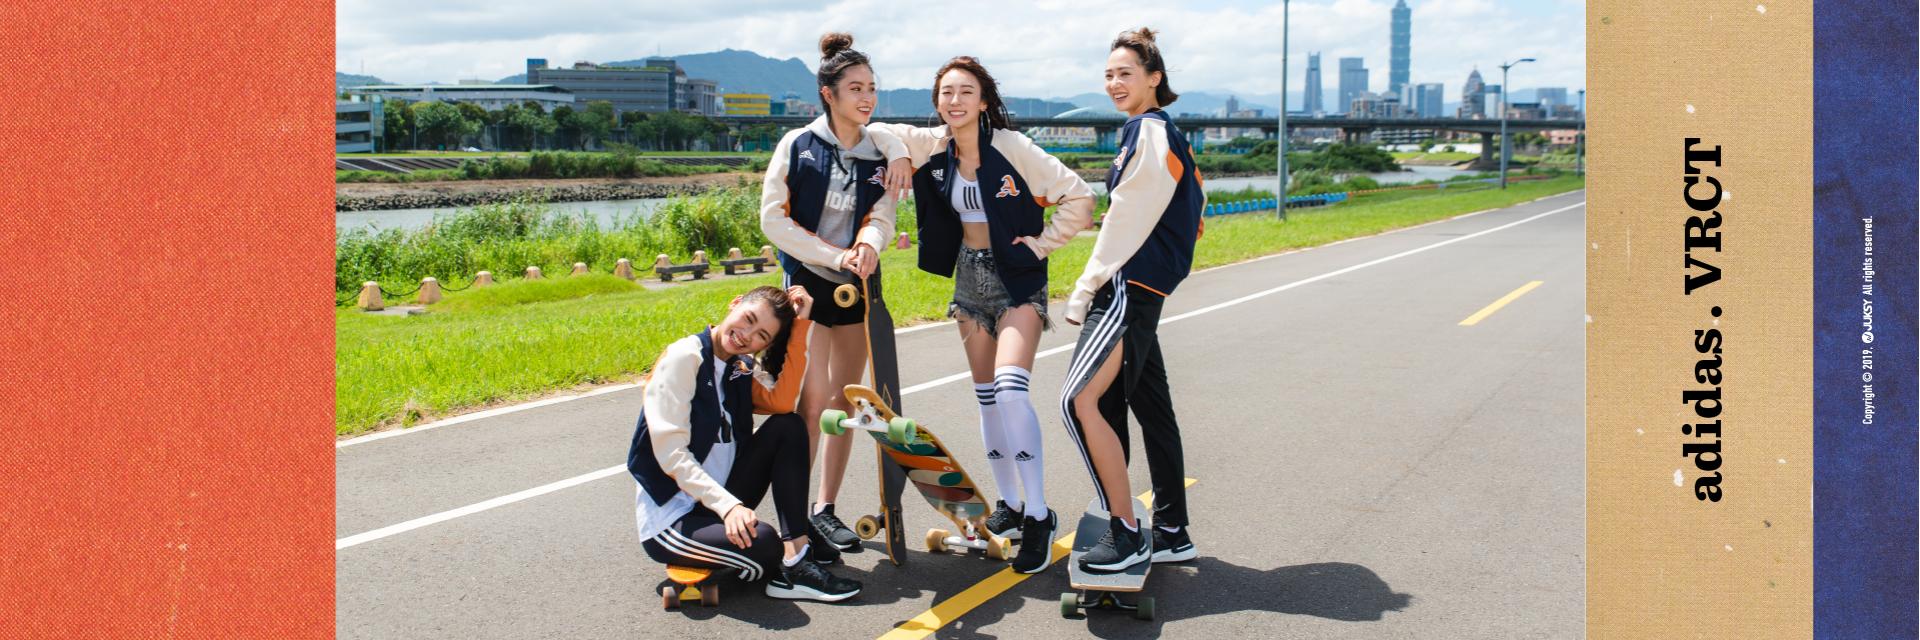 「因為敢闖,所以驕傲」!滑板女神席惟倫,穿上 adidas VRCT 運動外套 勇敢追尋乘風的自由。